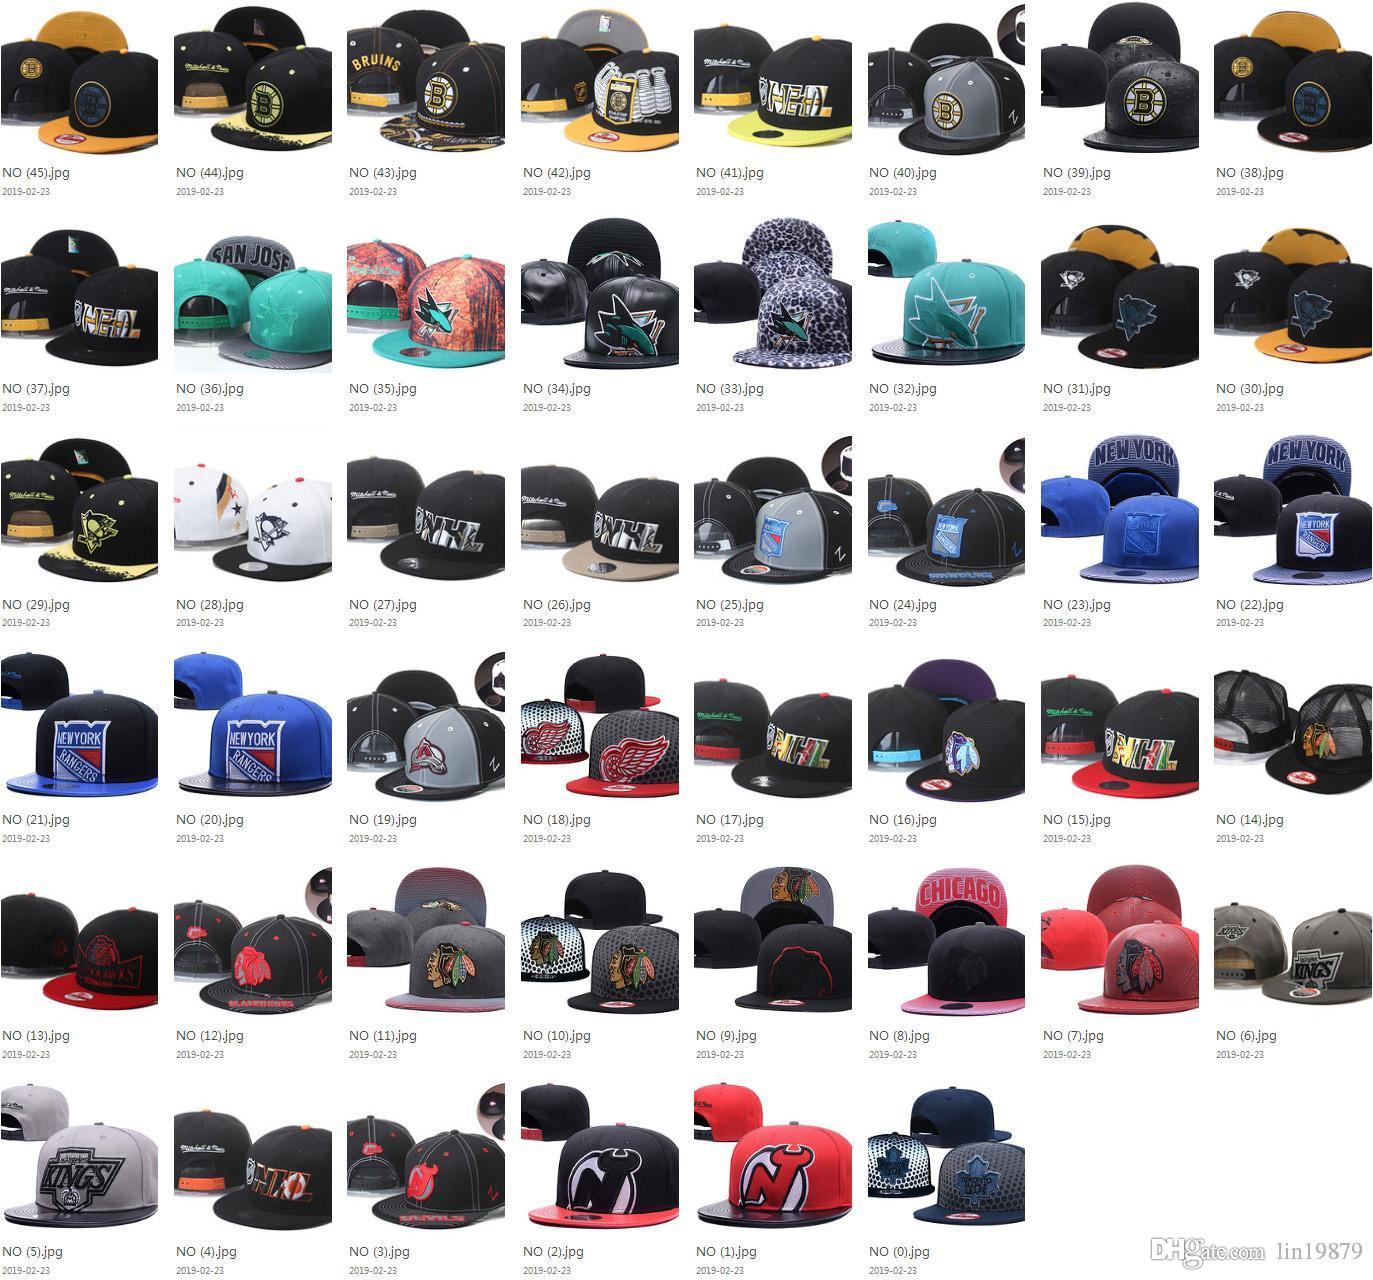 46 Arten NHL Baseballmützen Blackhawks Pinguine Flyers Haie Bruins Maple Leafs Mannfrauen tragen gorras Knochen Hysteresen-Hüte zur Schau